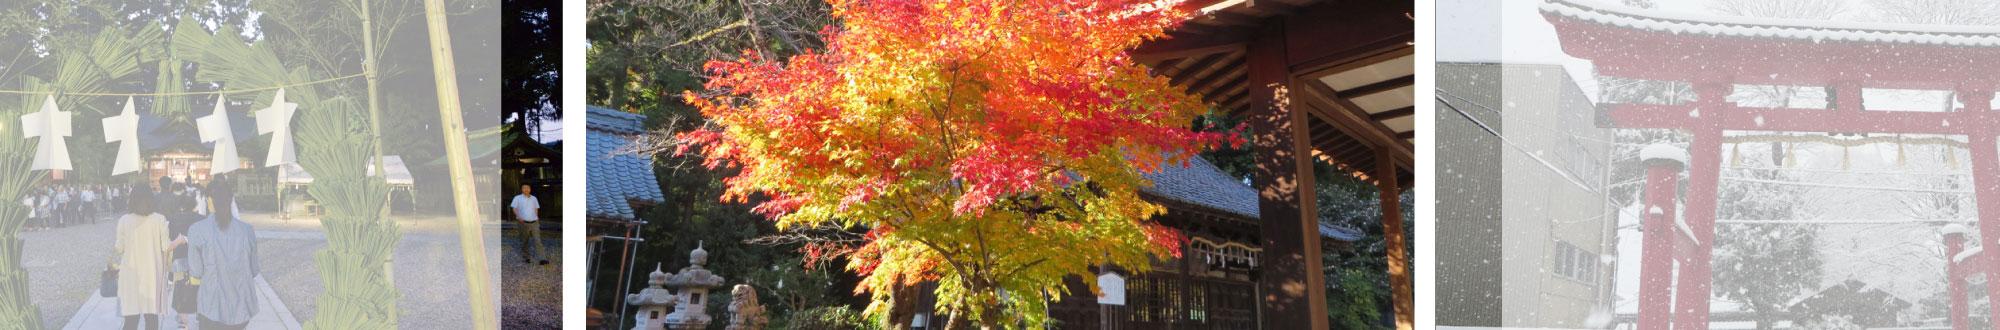 イメージ画像3:剣神社